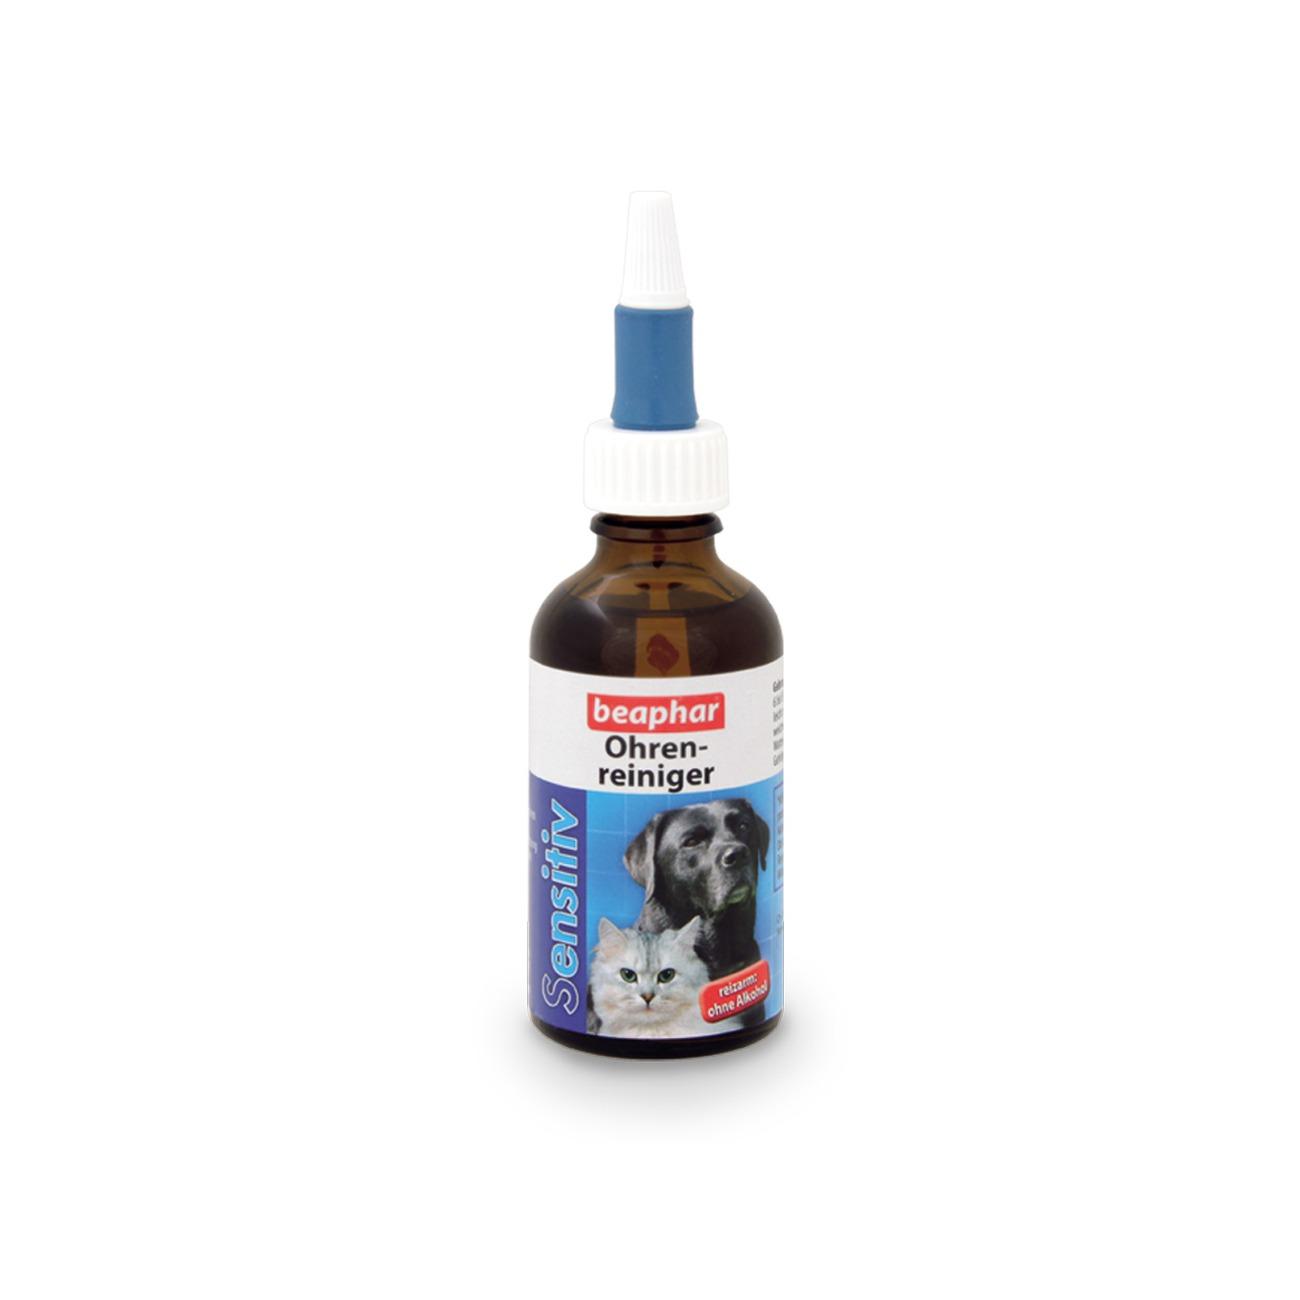 beaphar Ohrenreiniger Pipettenglas für Hunde und Katzen, 50 ml